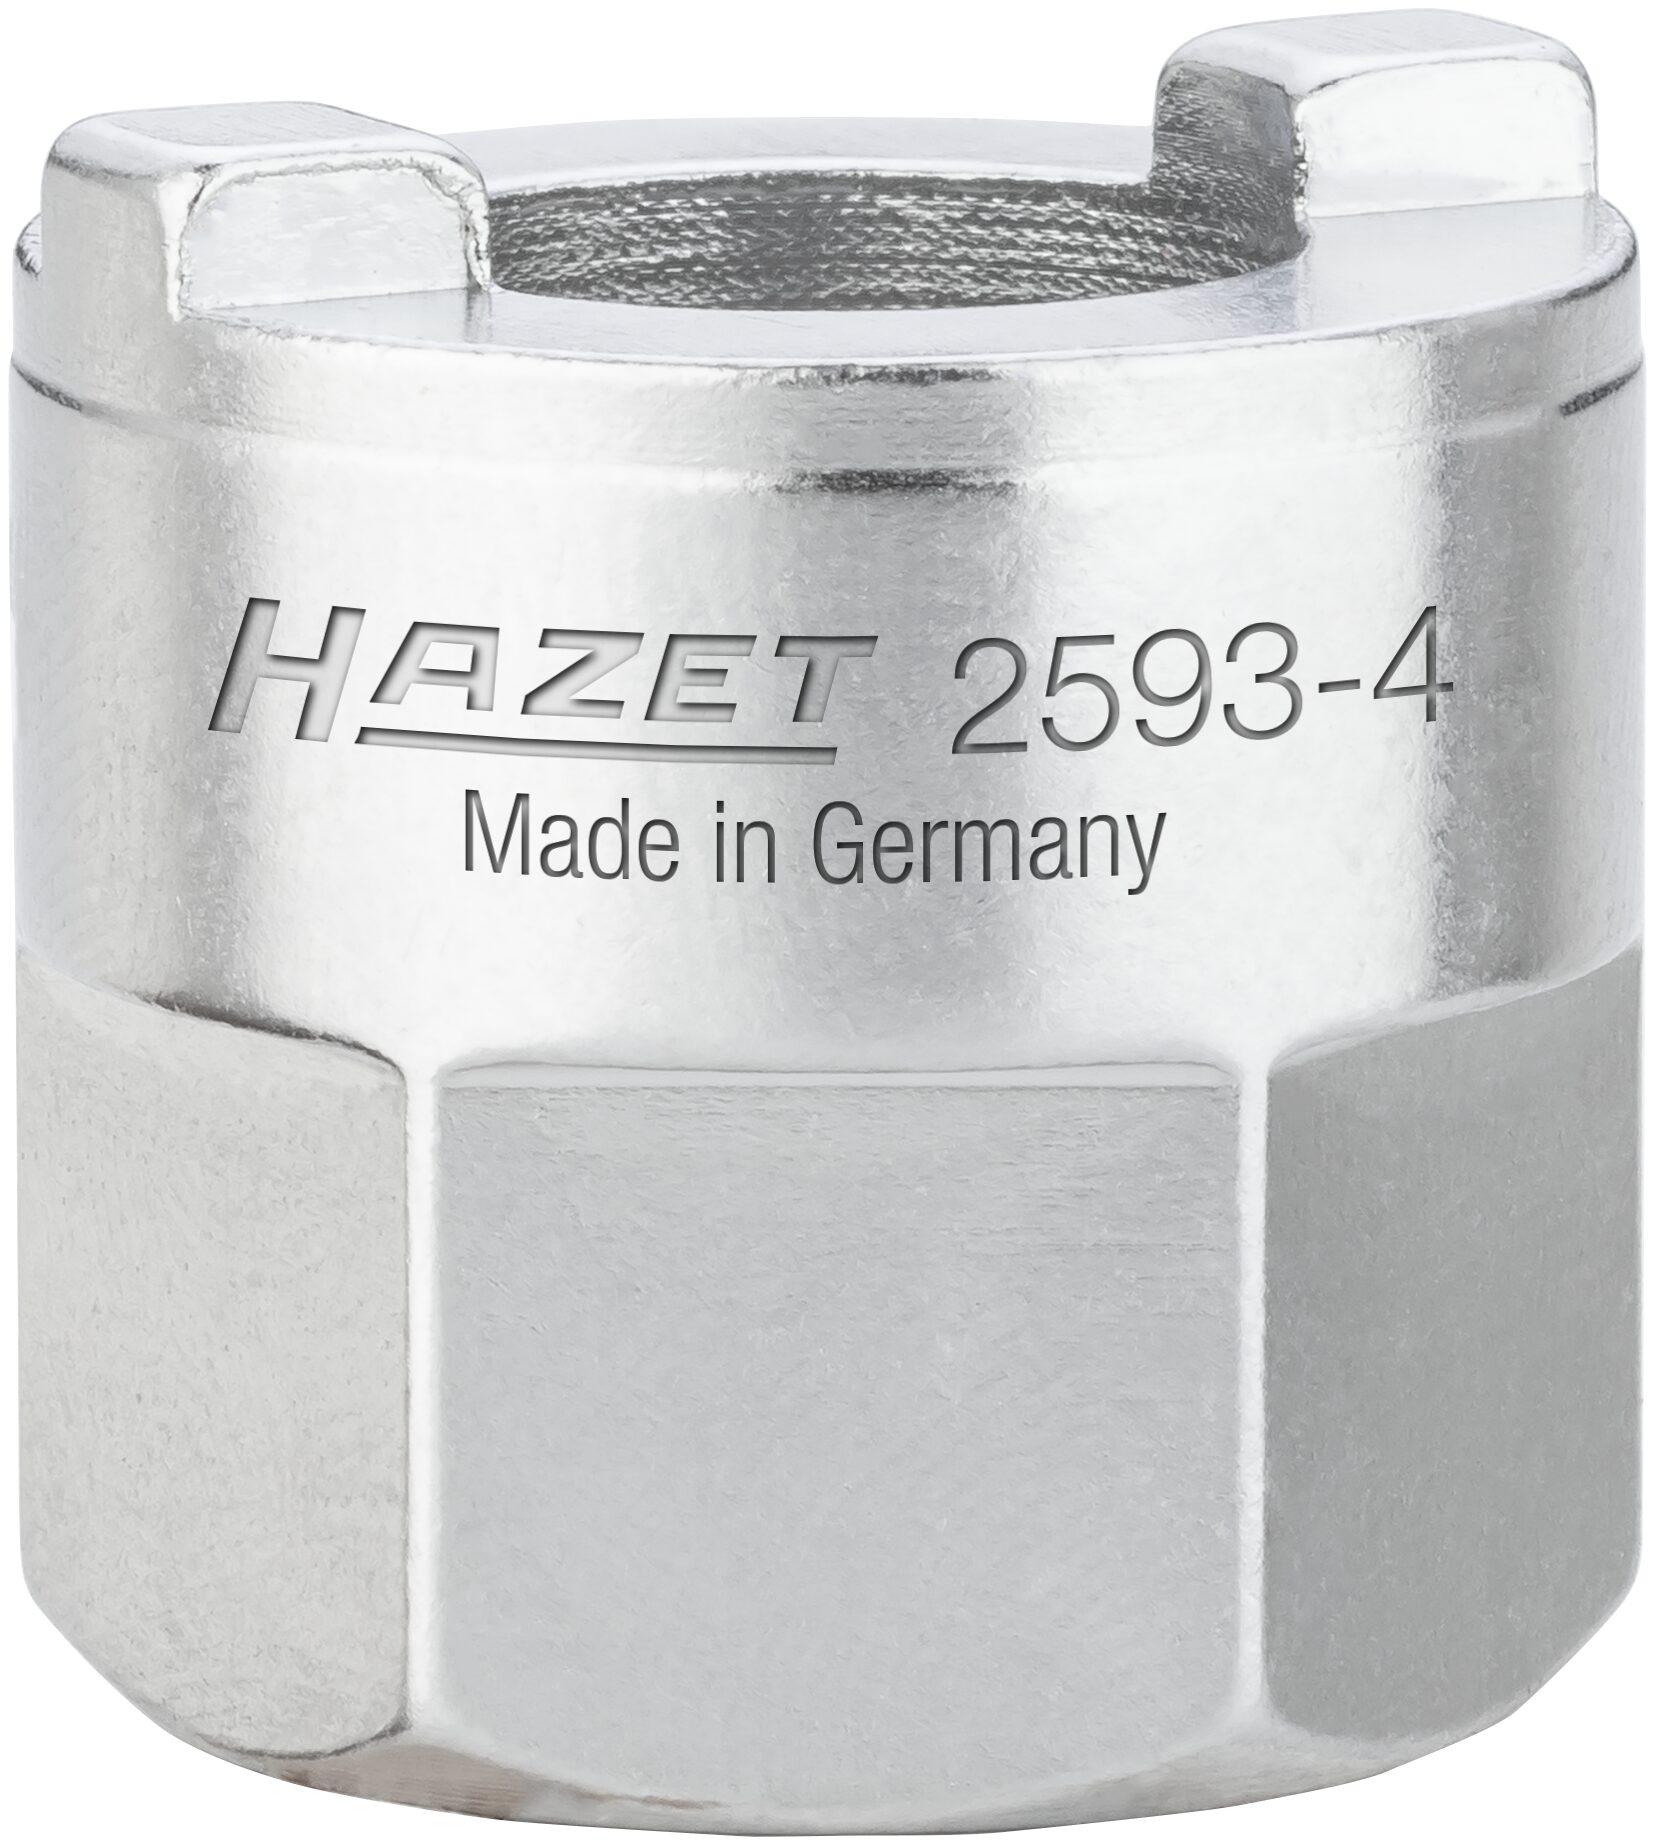 HAZET Stoßdämpfer-Zapfenschlüssel 2593-4 ∙ 14.5 mm